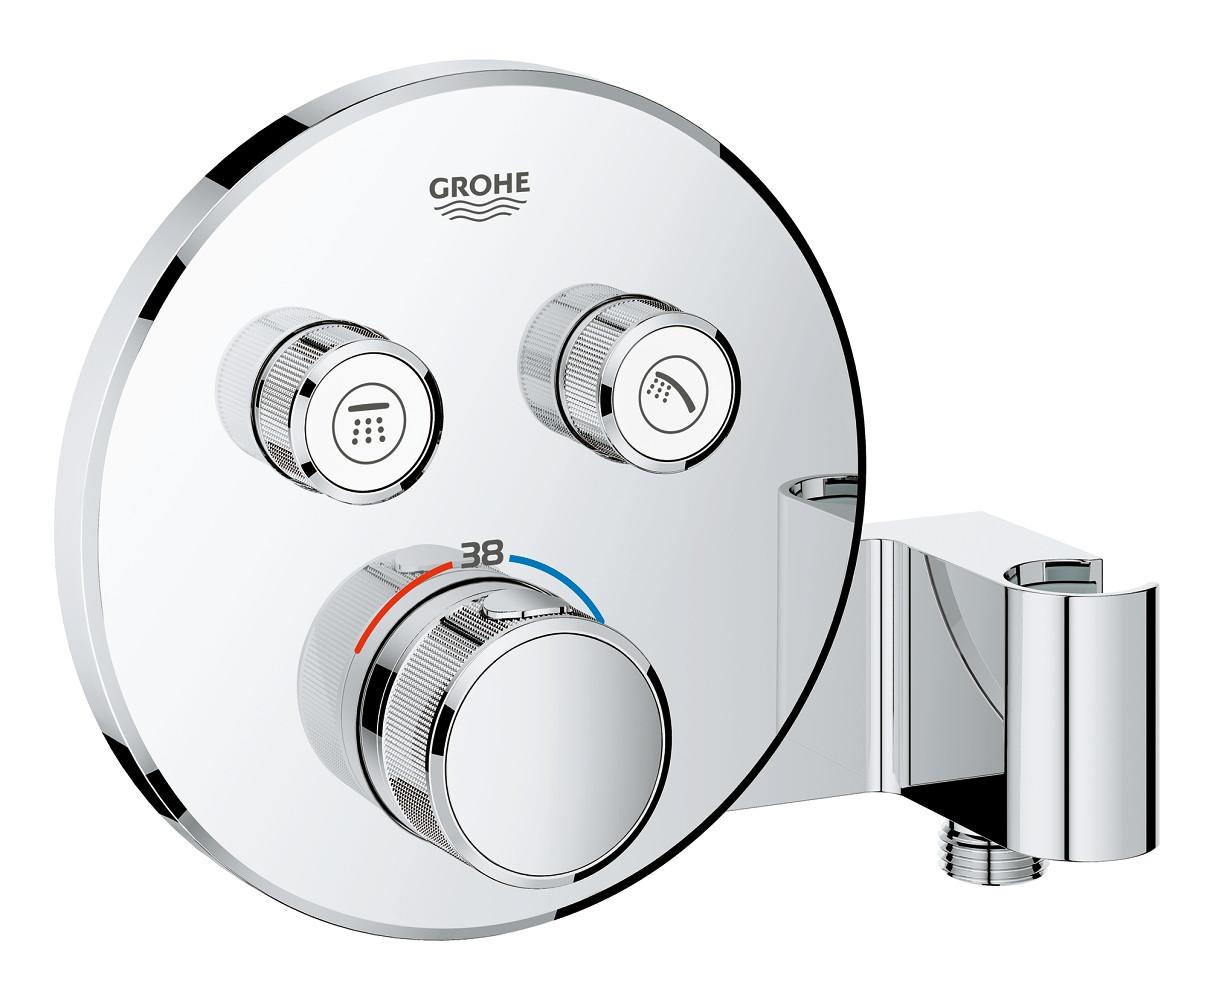 Термостат Grohe Grohtherm Smart Control 29120000